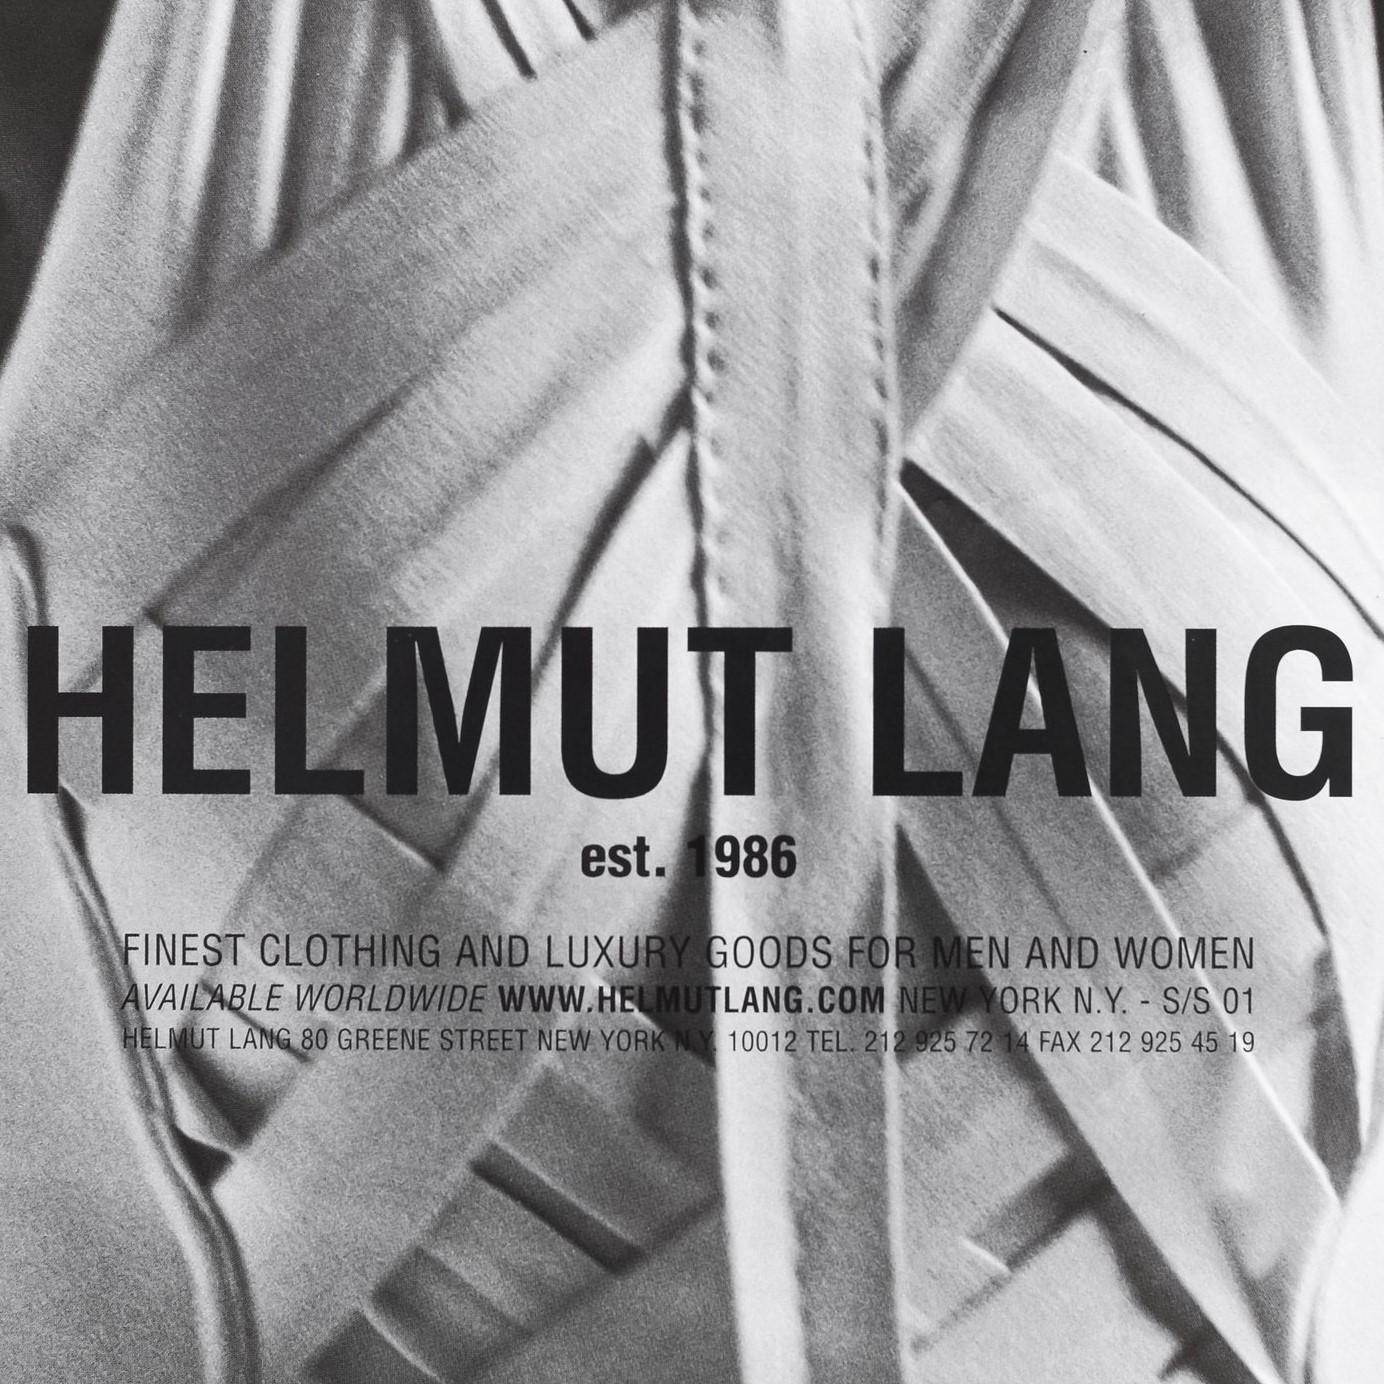 Helmut Lang: 美国设计师品牌热卖服饰